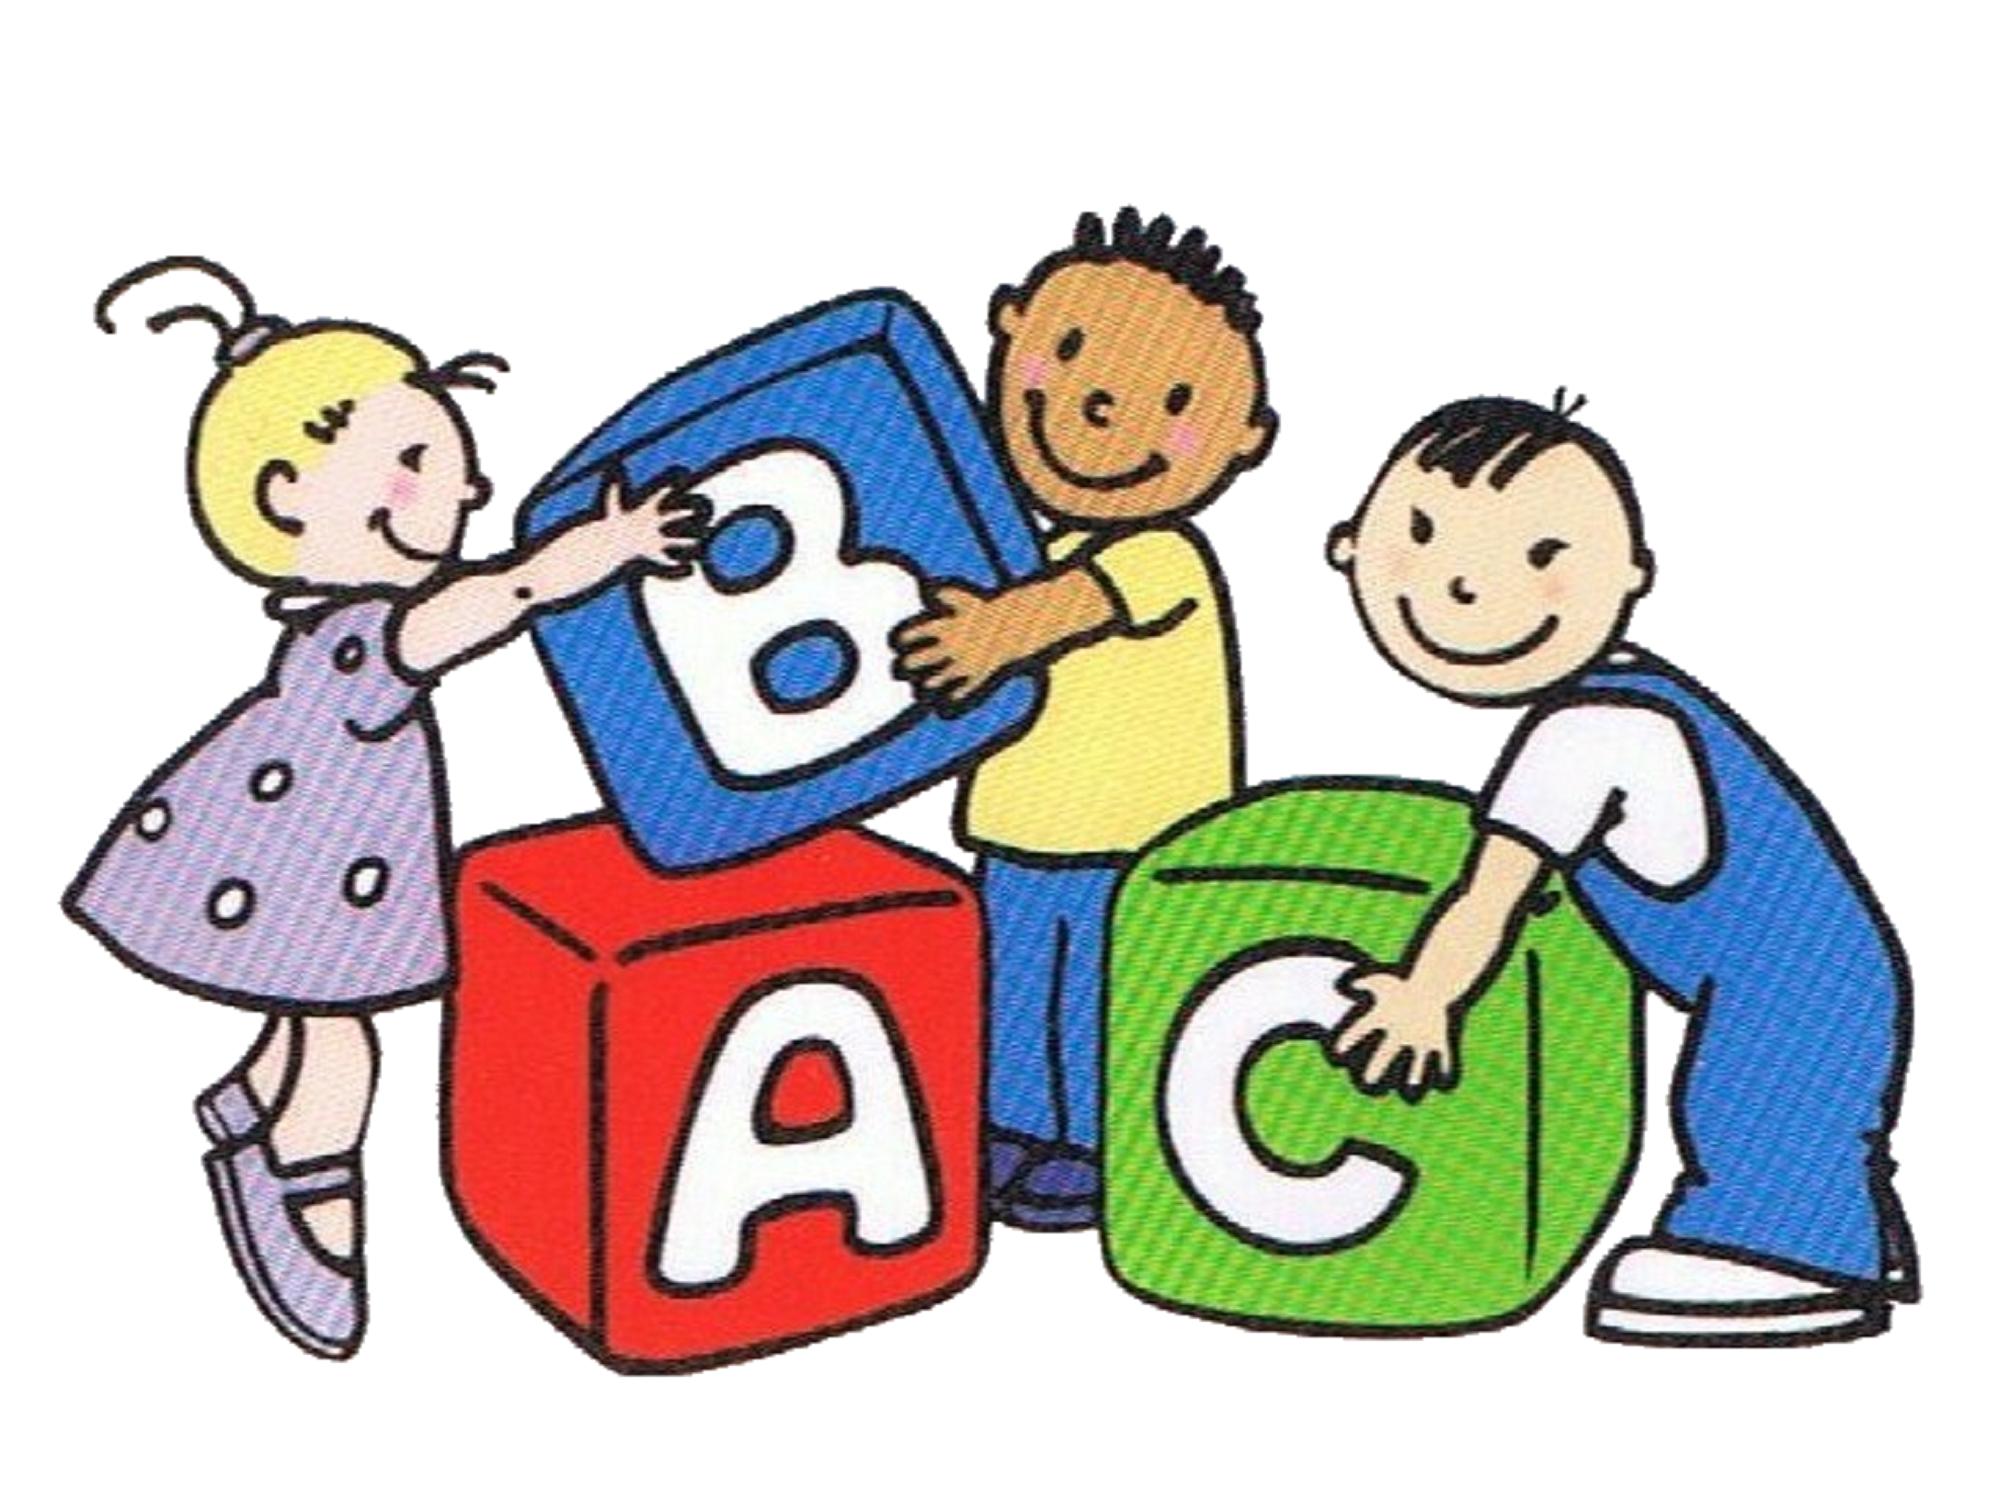 معرفت شناسی تکوینی در نظریه پیاژه چیست؟